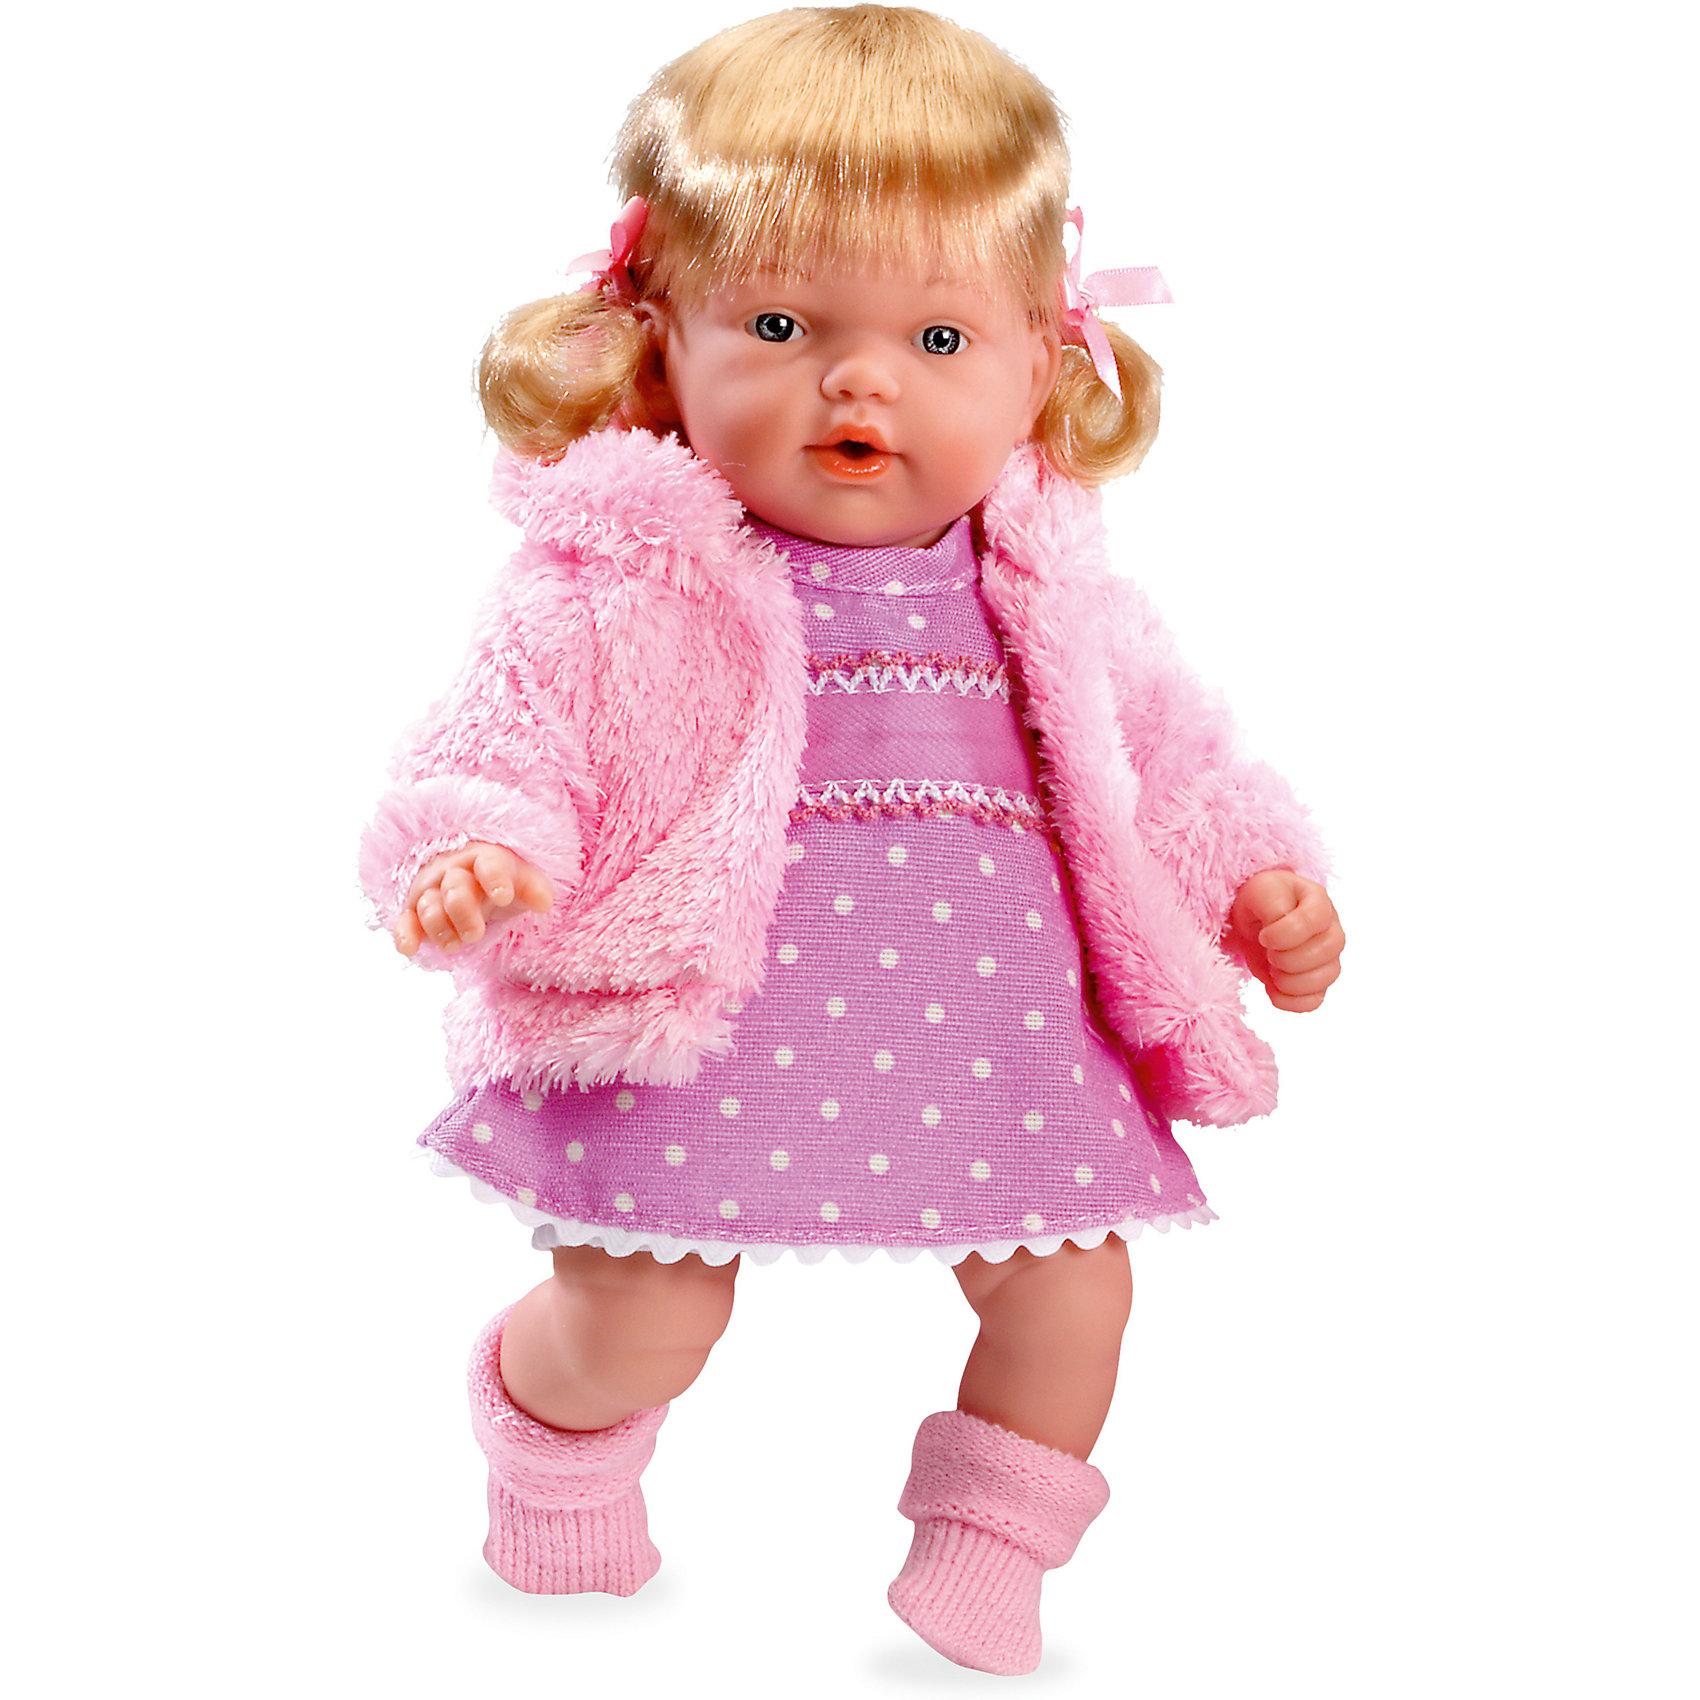 Кукла Elegance, в вязаной курточке, розовом платье, 28 см, смеется, AriasИнтерактивные куклы<br>Характеристики:<br><br>• Вид игр: сюжетно-ролевые<br>• Пол: для девочек<br>• Коллекция: Elegance<br>• Материал: винил, текстиль, нейлон<br>• Длина куклы: 28 см<br>• Комплектация: кукла, соска, платьице, шубка, носочки<br>• Подвижные ручки и ножки <br>• Умеет смеяться<br>• Батарейки: 3 x AG13 / LR44 (предусмотрены в комплекте)<br>• Вес в упаковке: 1 кг 017 г<br>• Размеры упаковки (Г*Ш*В): 35*20*12 см<br>• Упаковка: картонная коробка<br>• Особенности ухода: куклу можно купать, одежда – ручная стирка<br><br>Кукла Elegance, в вязаной курточке, розовом платье, 28 см, смеется, Arias изготовлена известным испанским торговым предприятием Munecas, который специализируется на выпуске кукол и пупсов. Пупсы и куклы Arias с высокой степенью достоверности повторяют облик маленьких детей, благодаря мельчайшим деталям внешнего вида и одежды игрушки выглядят мило и очаровательно. Кукла выполнена из винила, у нее подвижные ручки и ножки, четко прорисованные глаза и брови, курносый носик и пухленькие губки. Светлые густые волосы собраны в два озорных хвостика. Малышка одета в платьице с рисунком в горошек, пушистую розовую шубку, на ножках у нее теплые носочки. При нажатии на животик, кукла начинает смеяться. Кукла Elegance, в вязаной курточке, розовом платье, 28 см, смеется, Arias станет идеальным подарком для девочки к любому празднику.<br><br>Кукла Elegance, в вязаной курточке, розовом платье, 28 см, смеется, Arias можно купить в нашем интернет-магазине.<br><br>Ширина мм: 350<br>Глубина мм: 120<br>Высота мм: 200<br>Вес г: 700<br>Возраст от месяцев: 36<br>Возраст до месяцев: 120<br>Пол: Женский<br>Возраст: Детский<br>SKU: 5355534